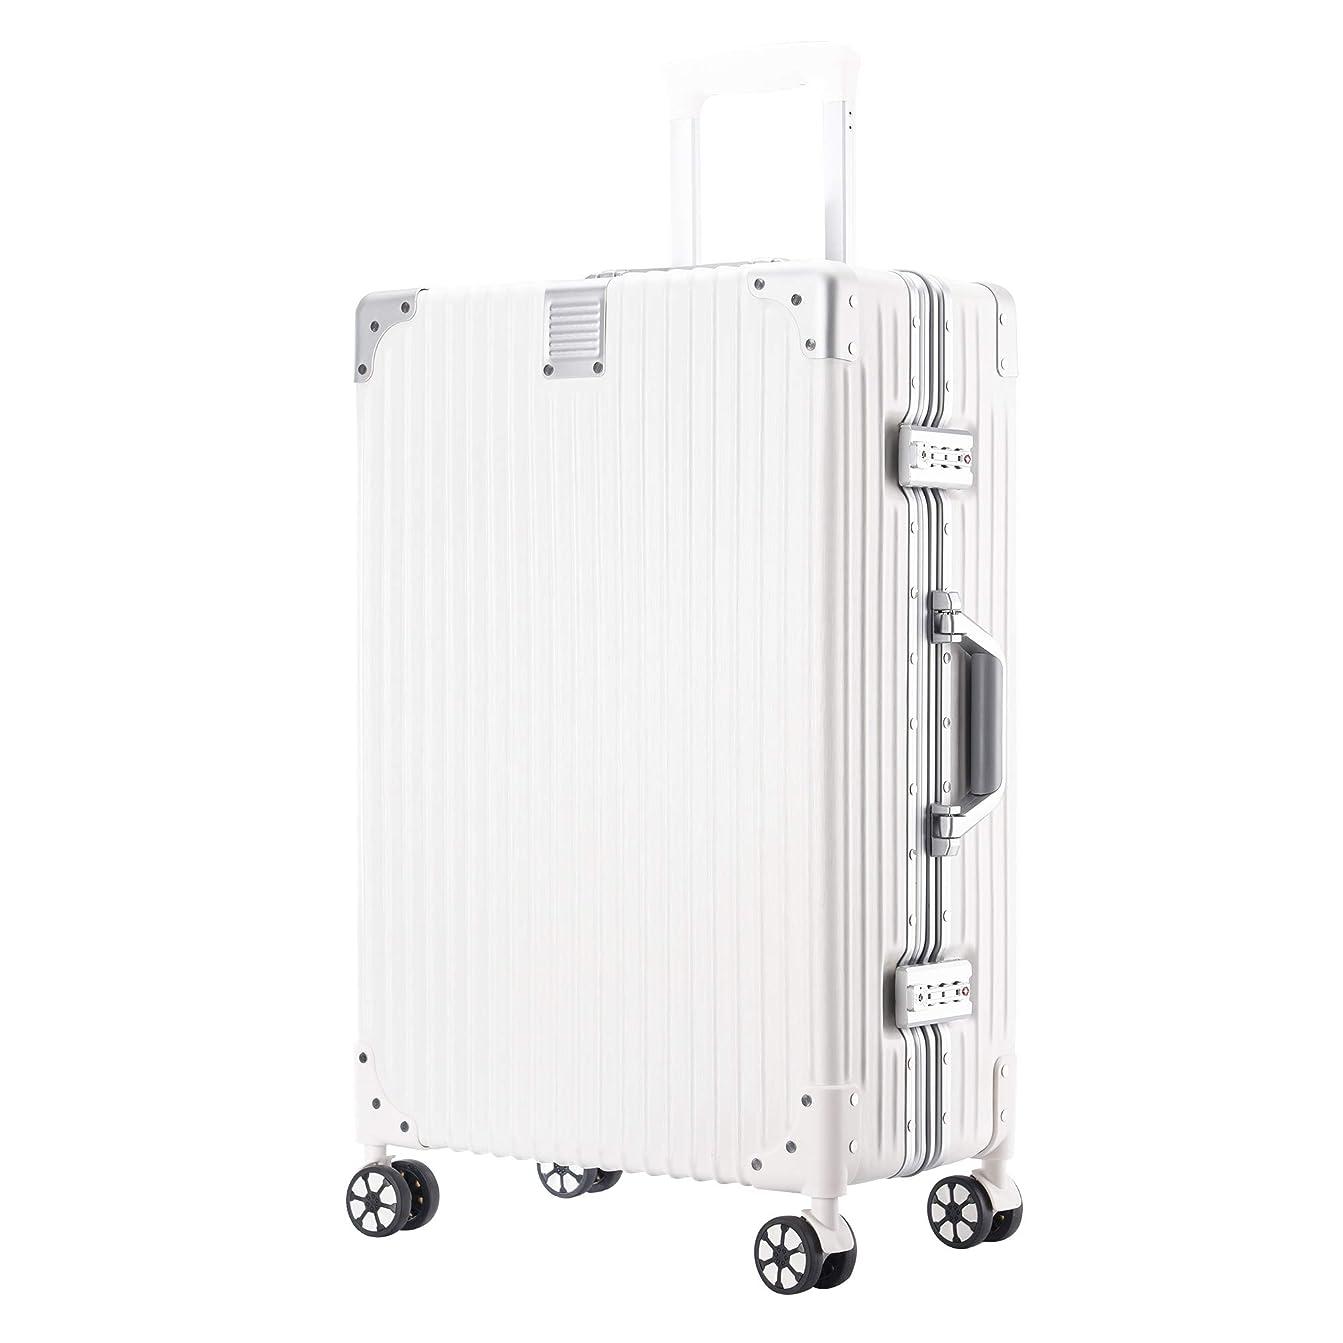 吸うホストふさわしい(P.I.) スーツケース キャリーケース TSAロック 半鏡面 アルミフレーム レトロ 旅行 出張 静音 超軽量 (XL, ブラック)